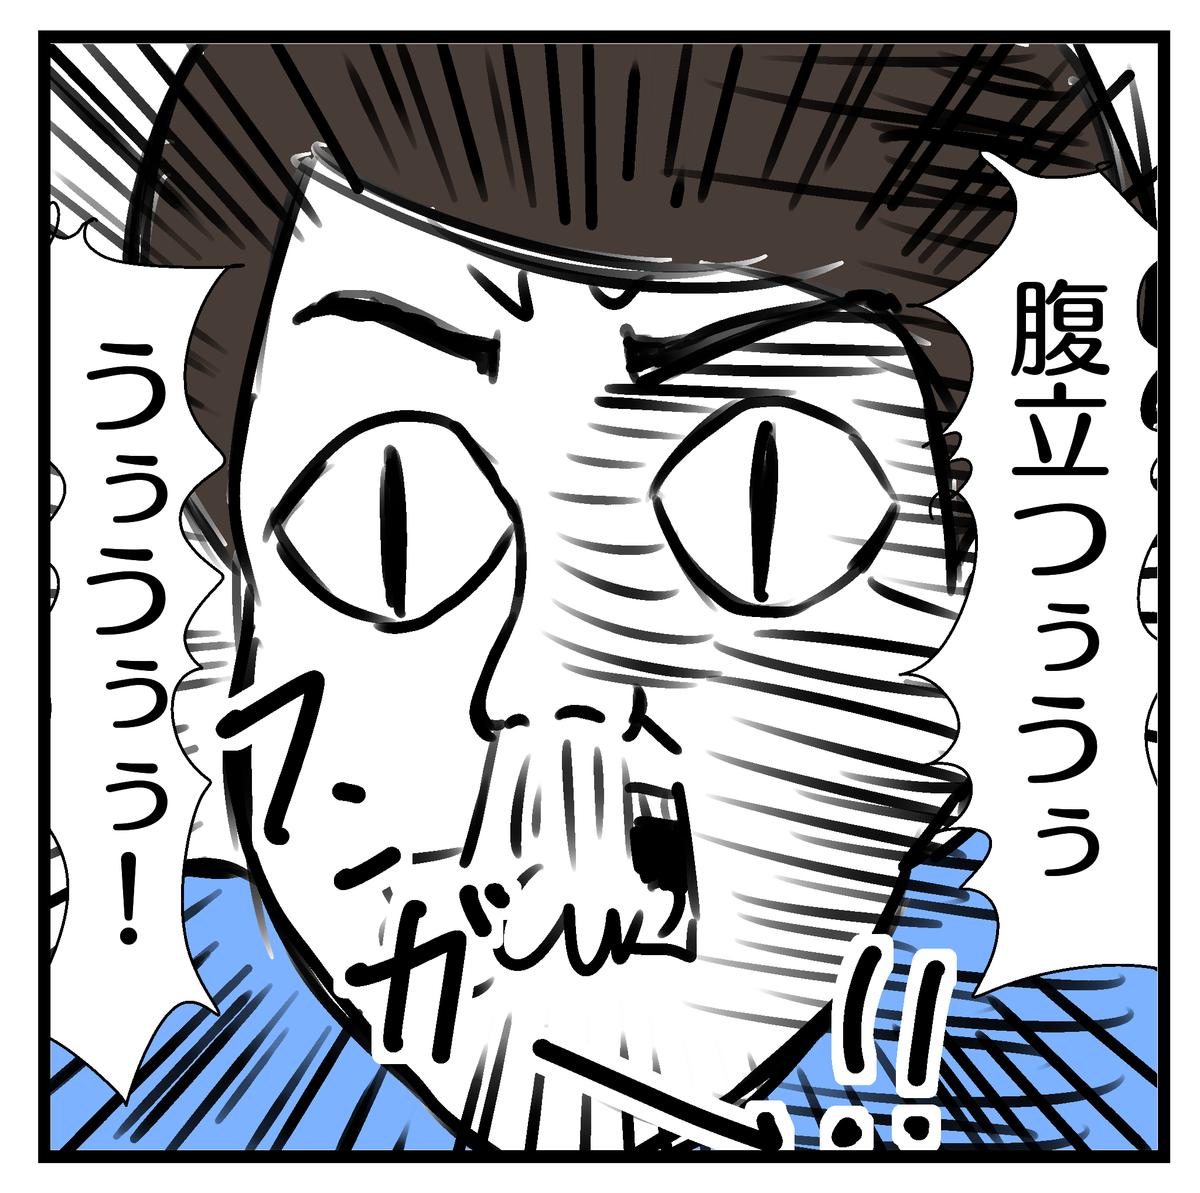 f:id:YuruFuwaTa:20200624120635p:plain